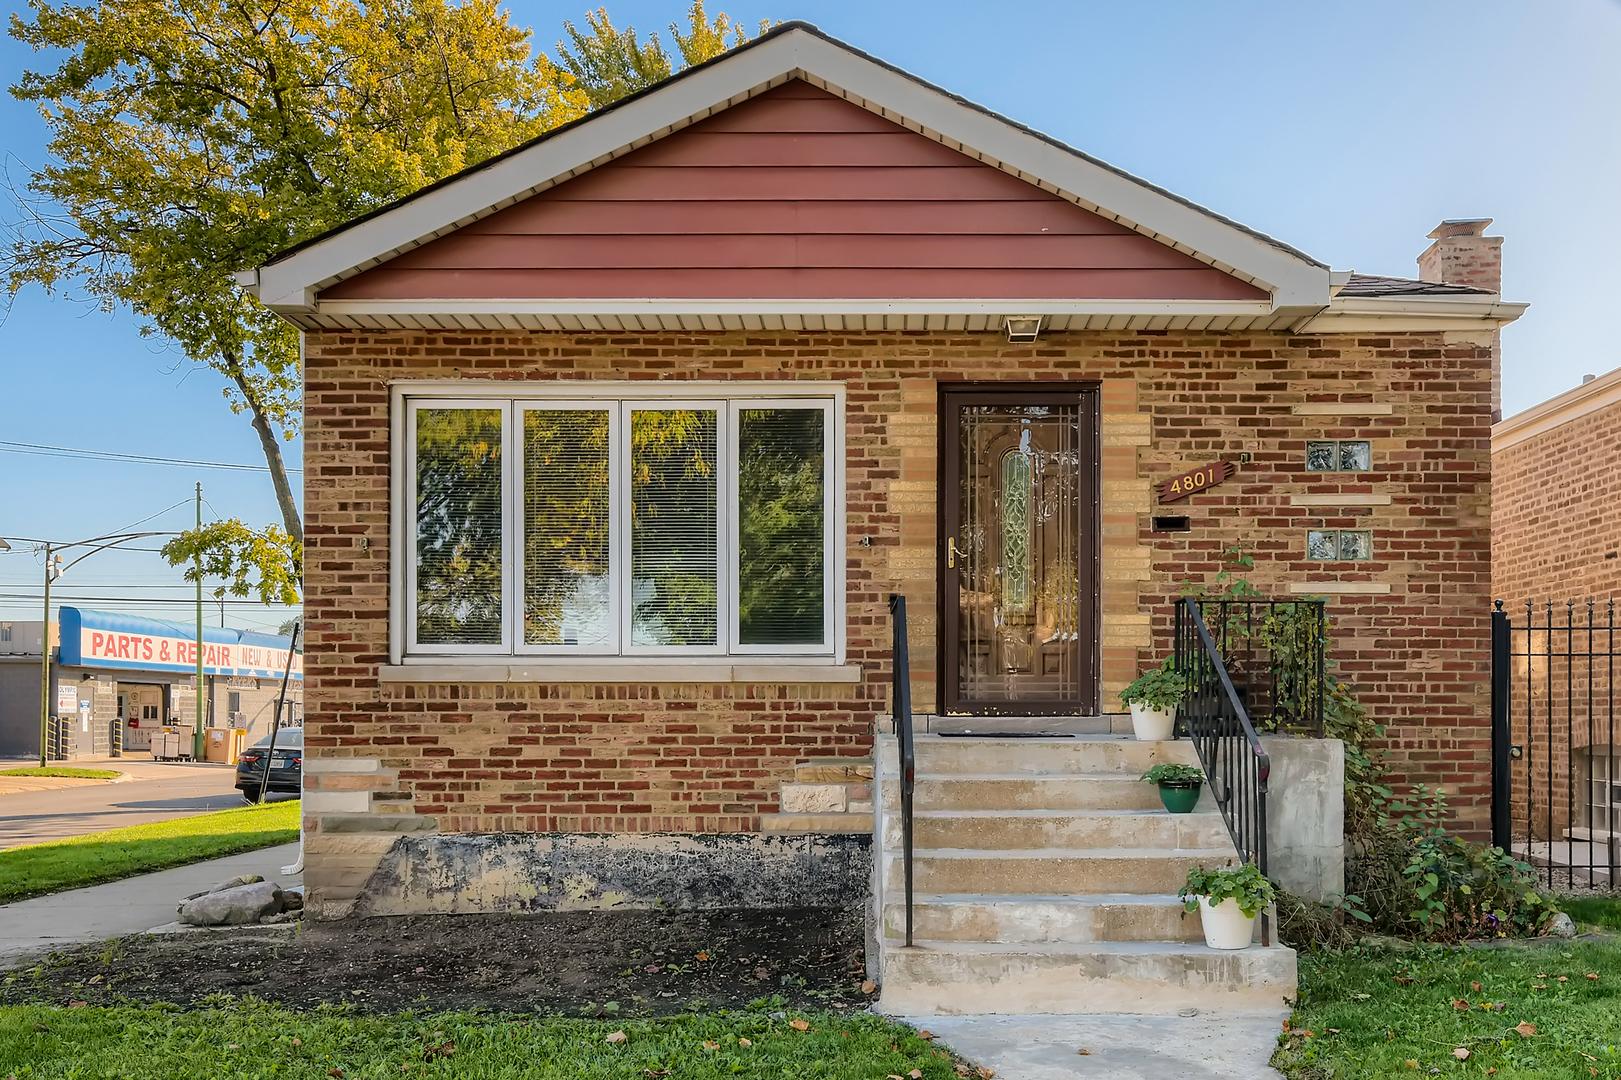 4801 S La Crosse Avenue, Chicago IL 60638